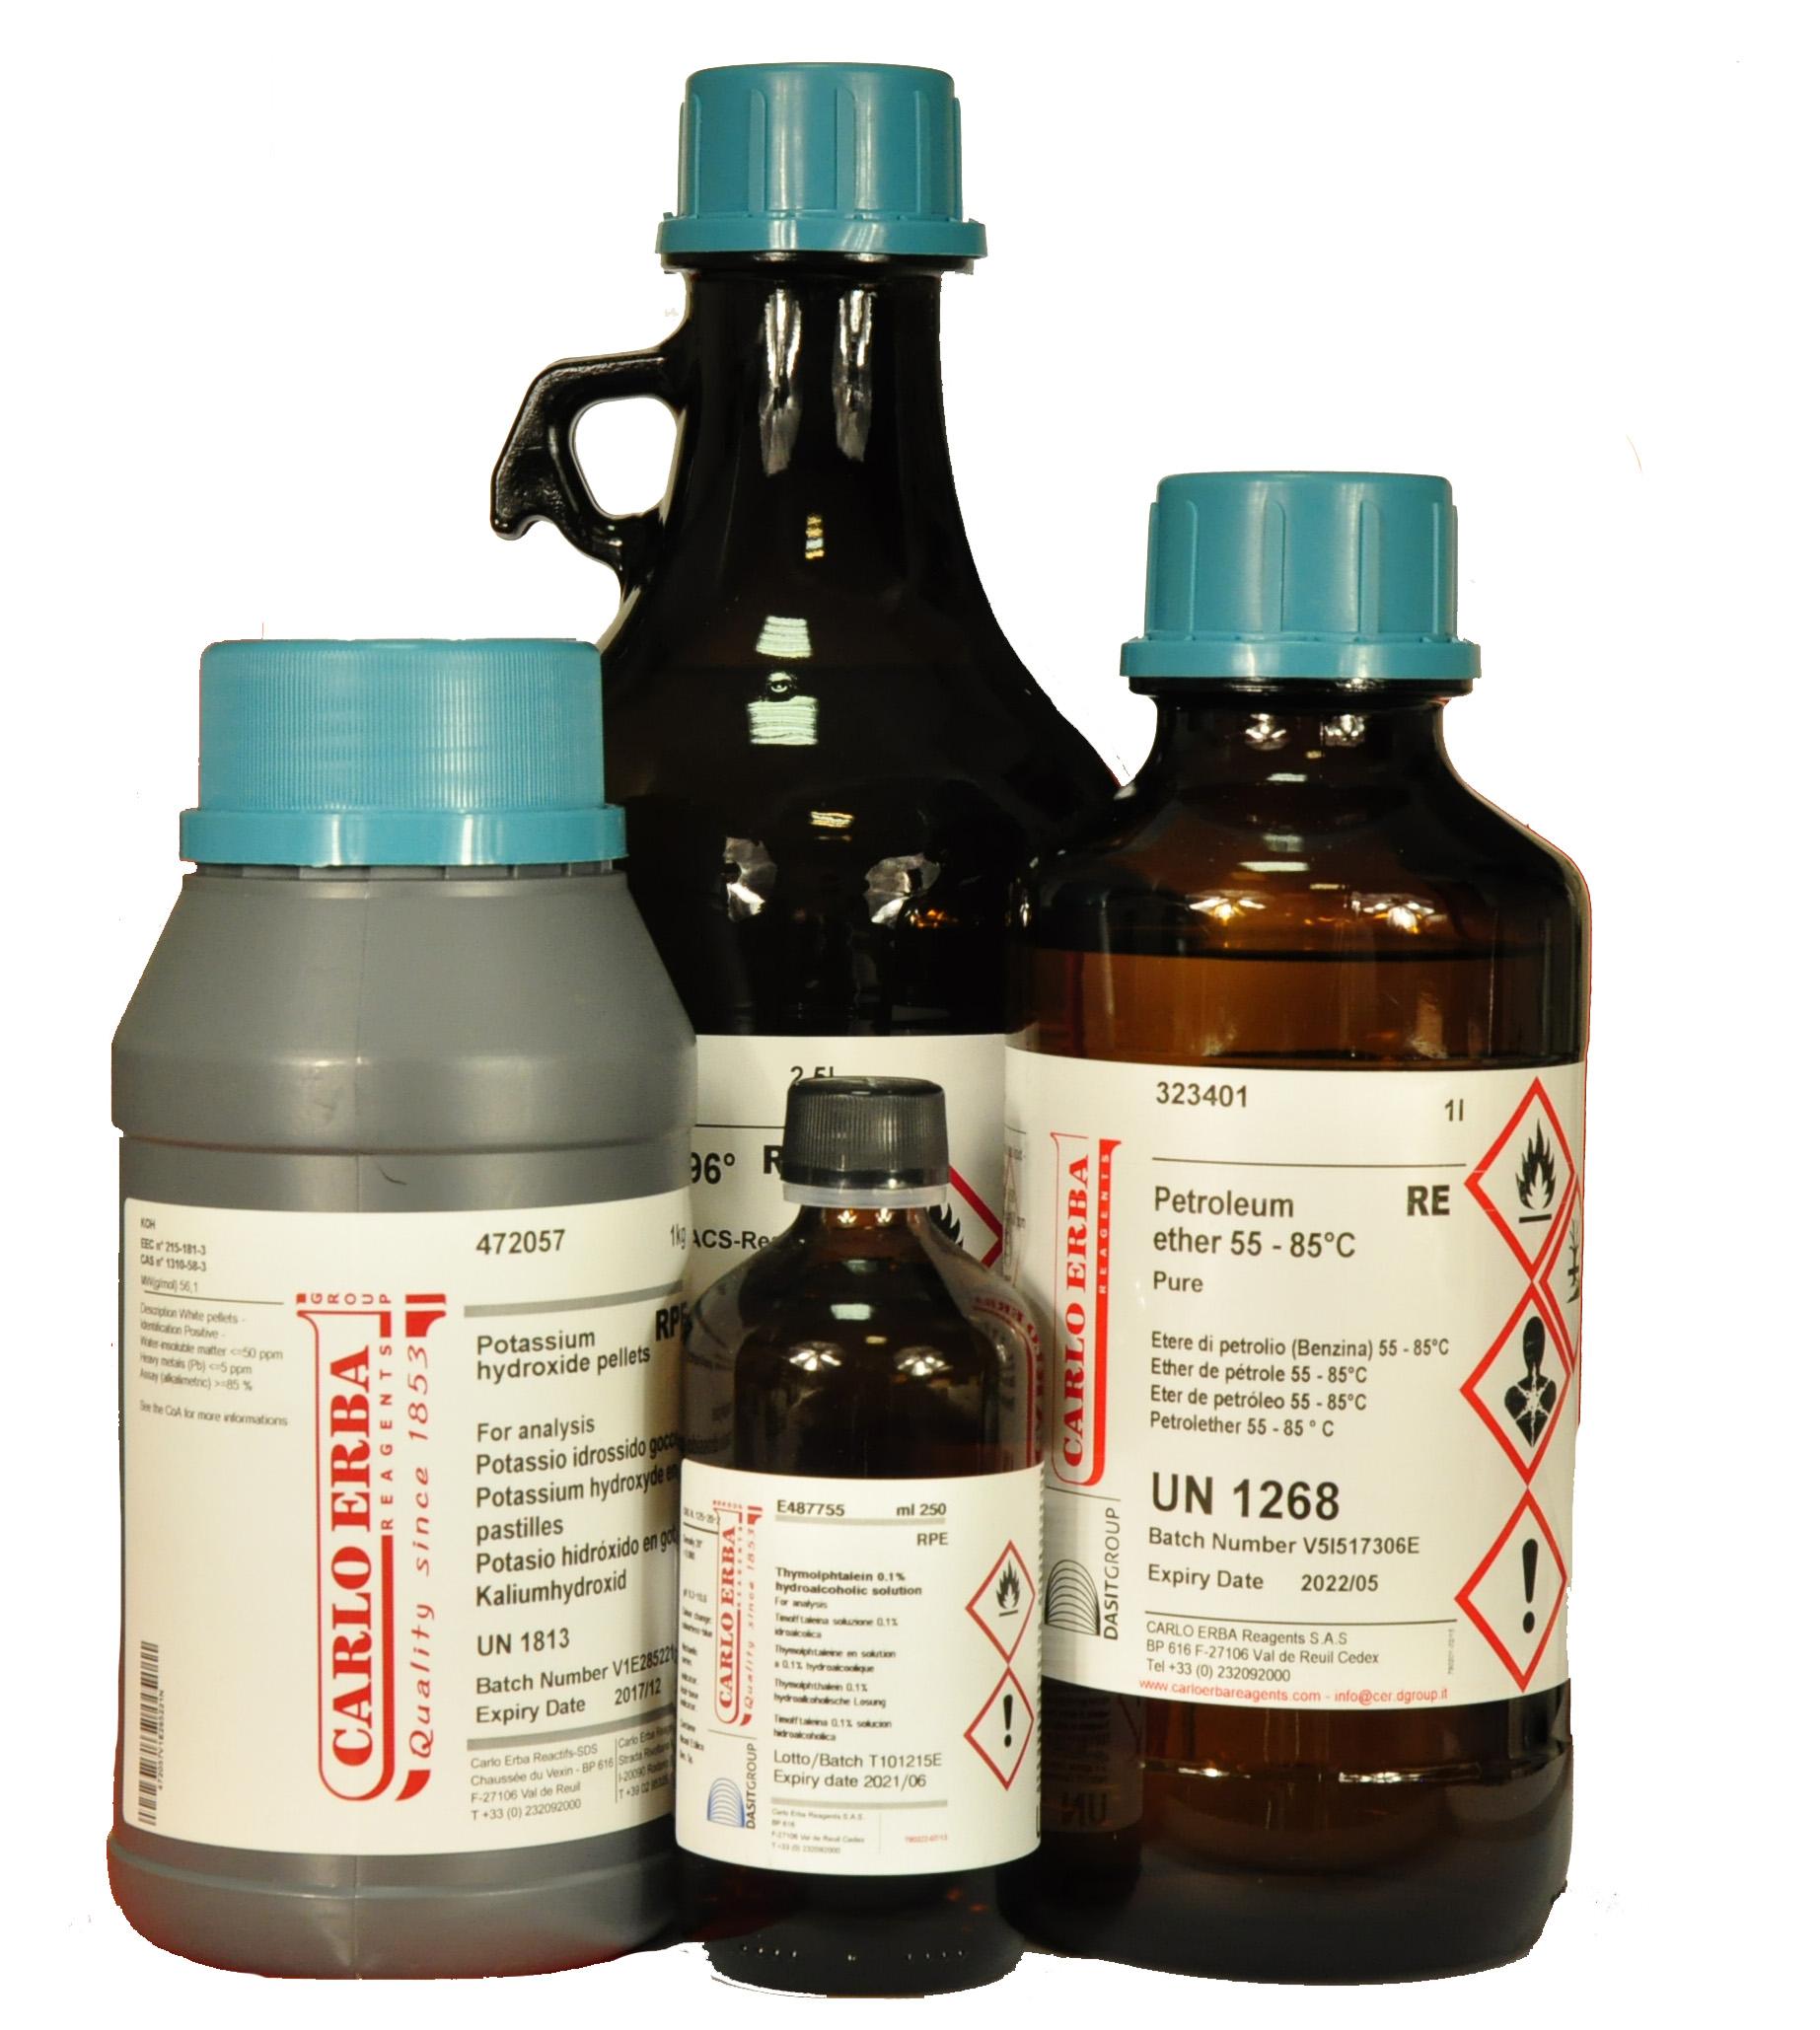 reagenti per fotografia, reagenti chimici per fotografia, reagenti fotografici